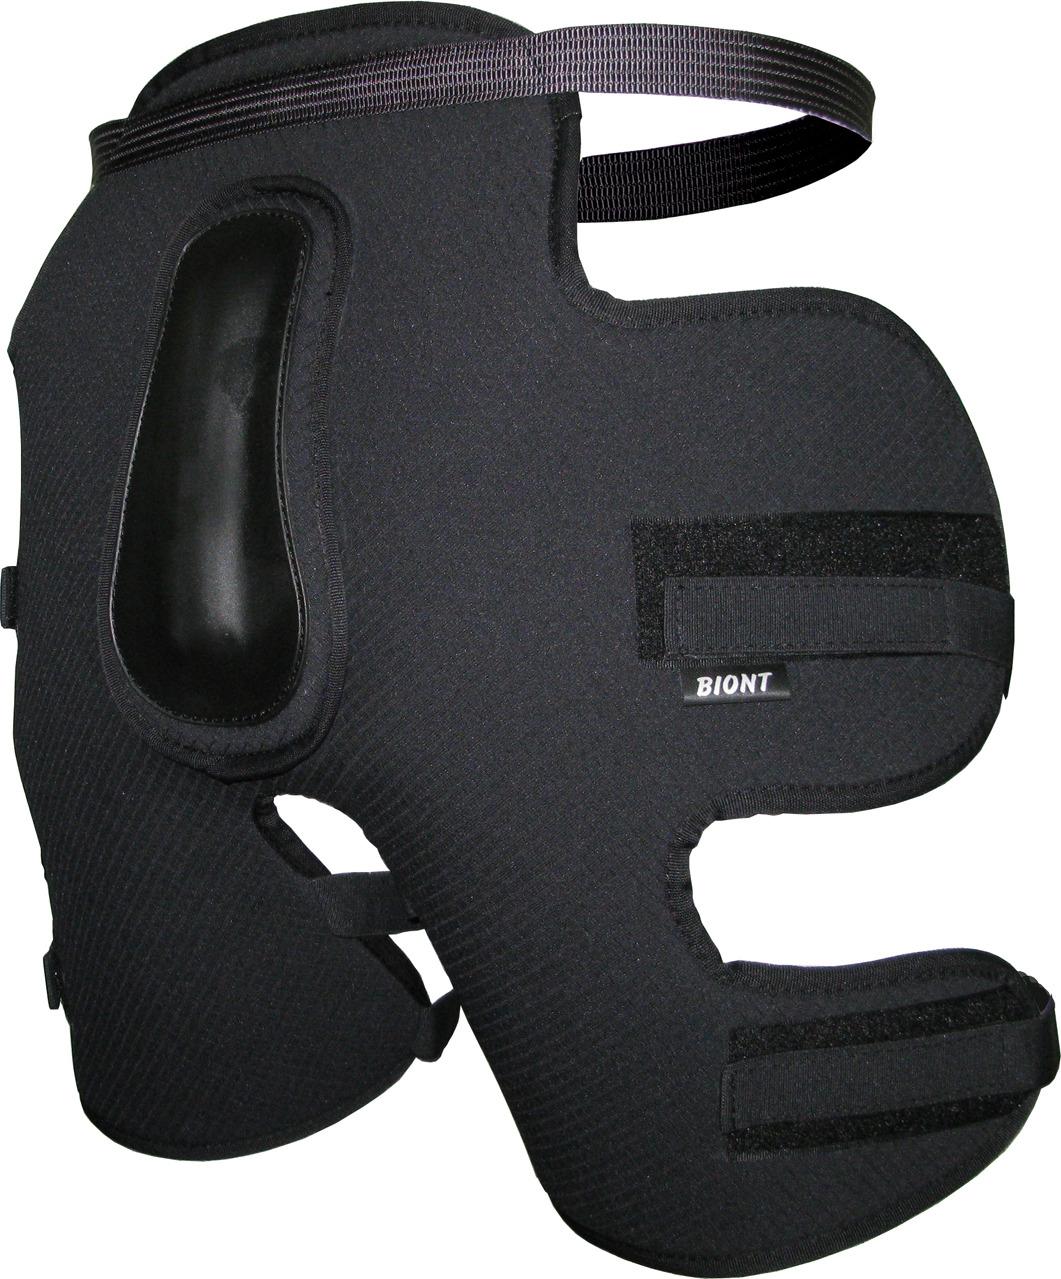 Сидушка Biont с защитой копчика, цвет: черный. Размер XXL (52/54)